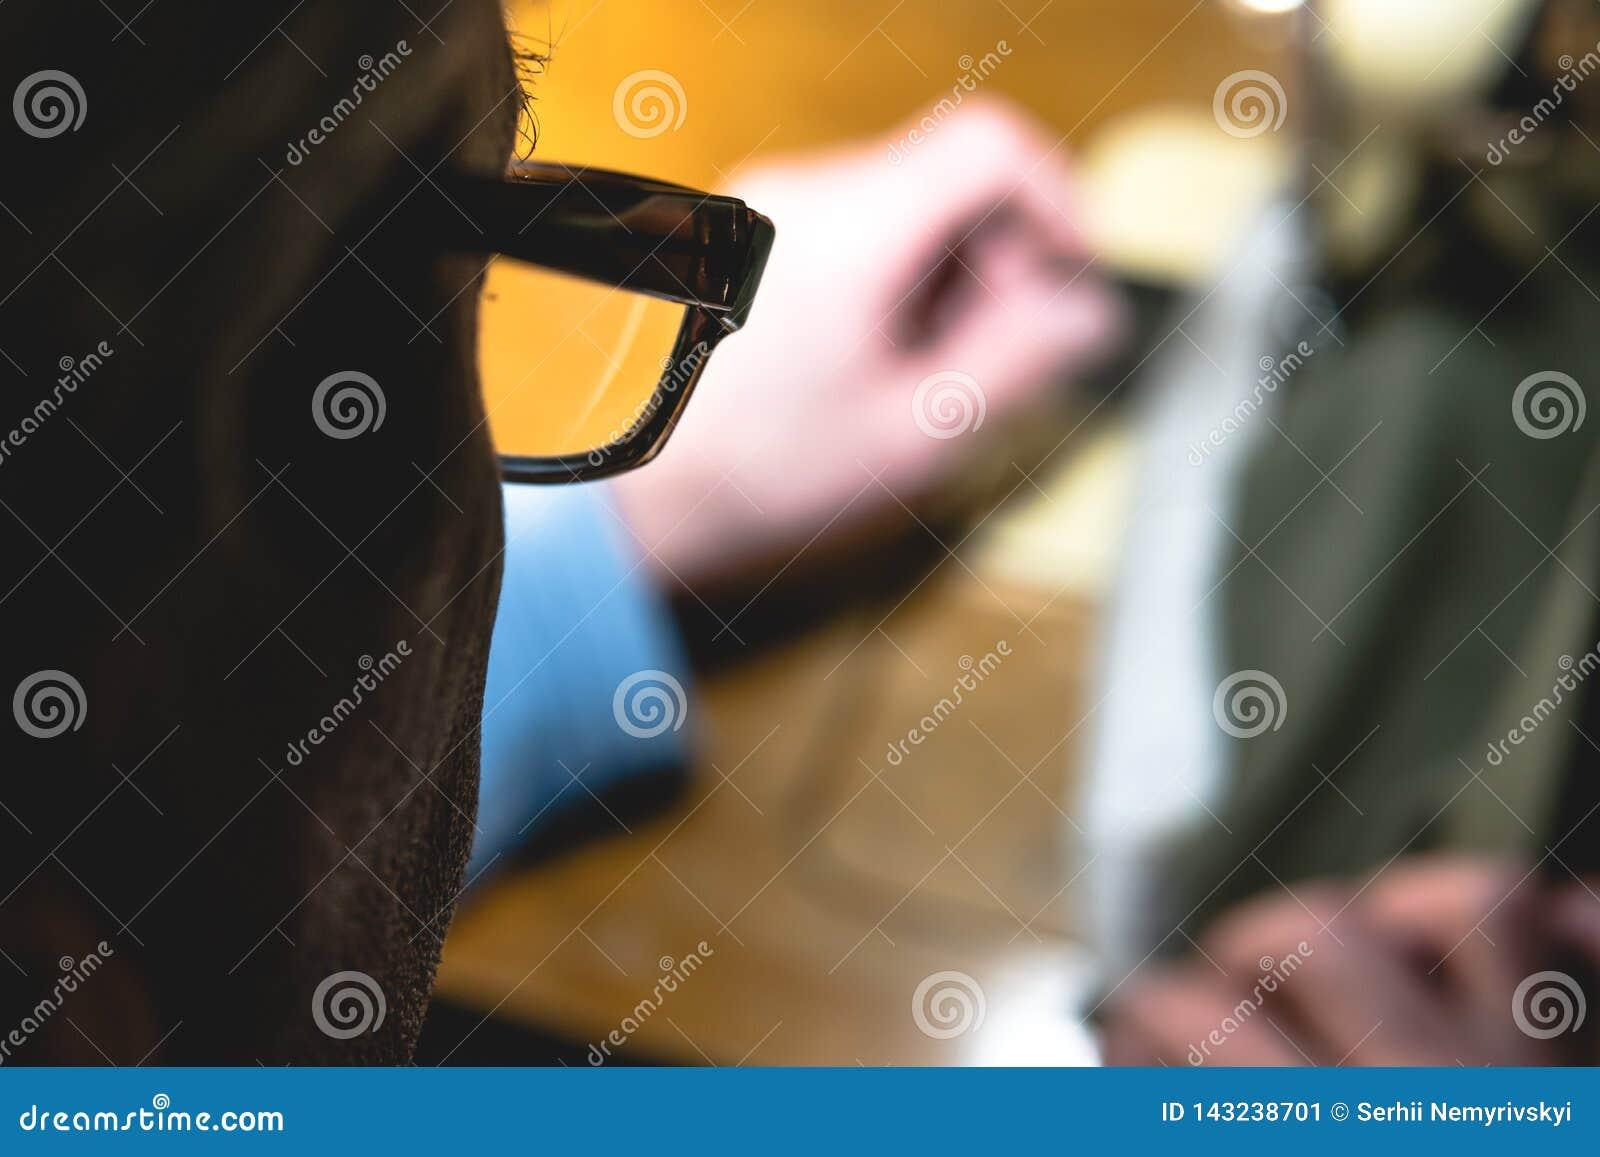 Proceso de costura de la correa de cuero las manos del viejo hombre detrás de la costura Taller de cuero costura del vintage de l